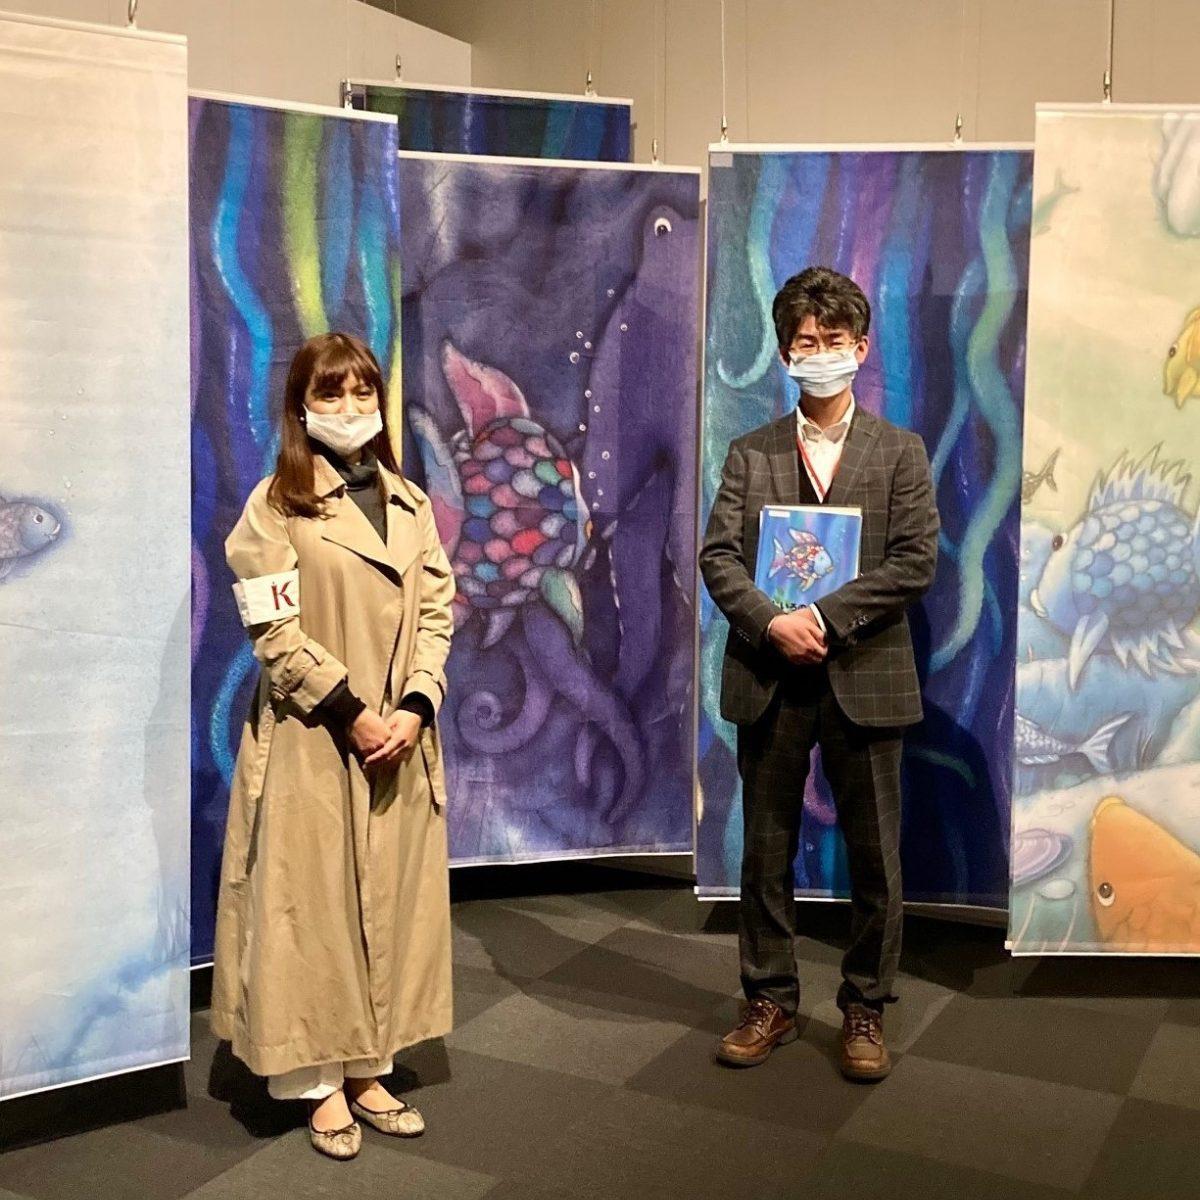 「にじいろのさかな原画展」12/6(日)、ラジオ関西朝の番組「サンデー神戸」で紹介されます。チケットプレゼントも!